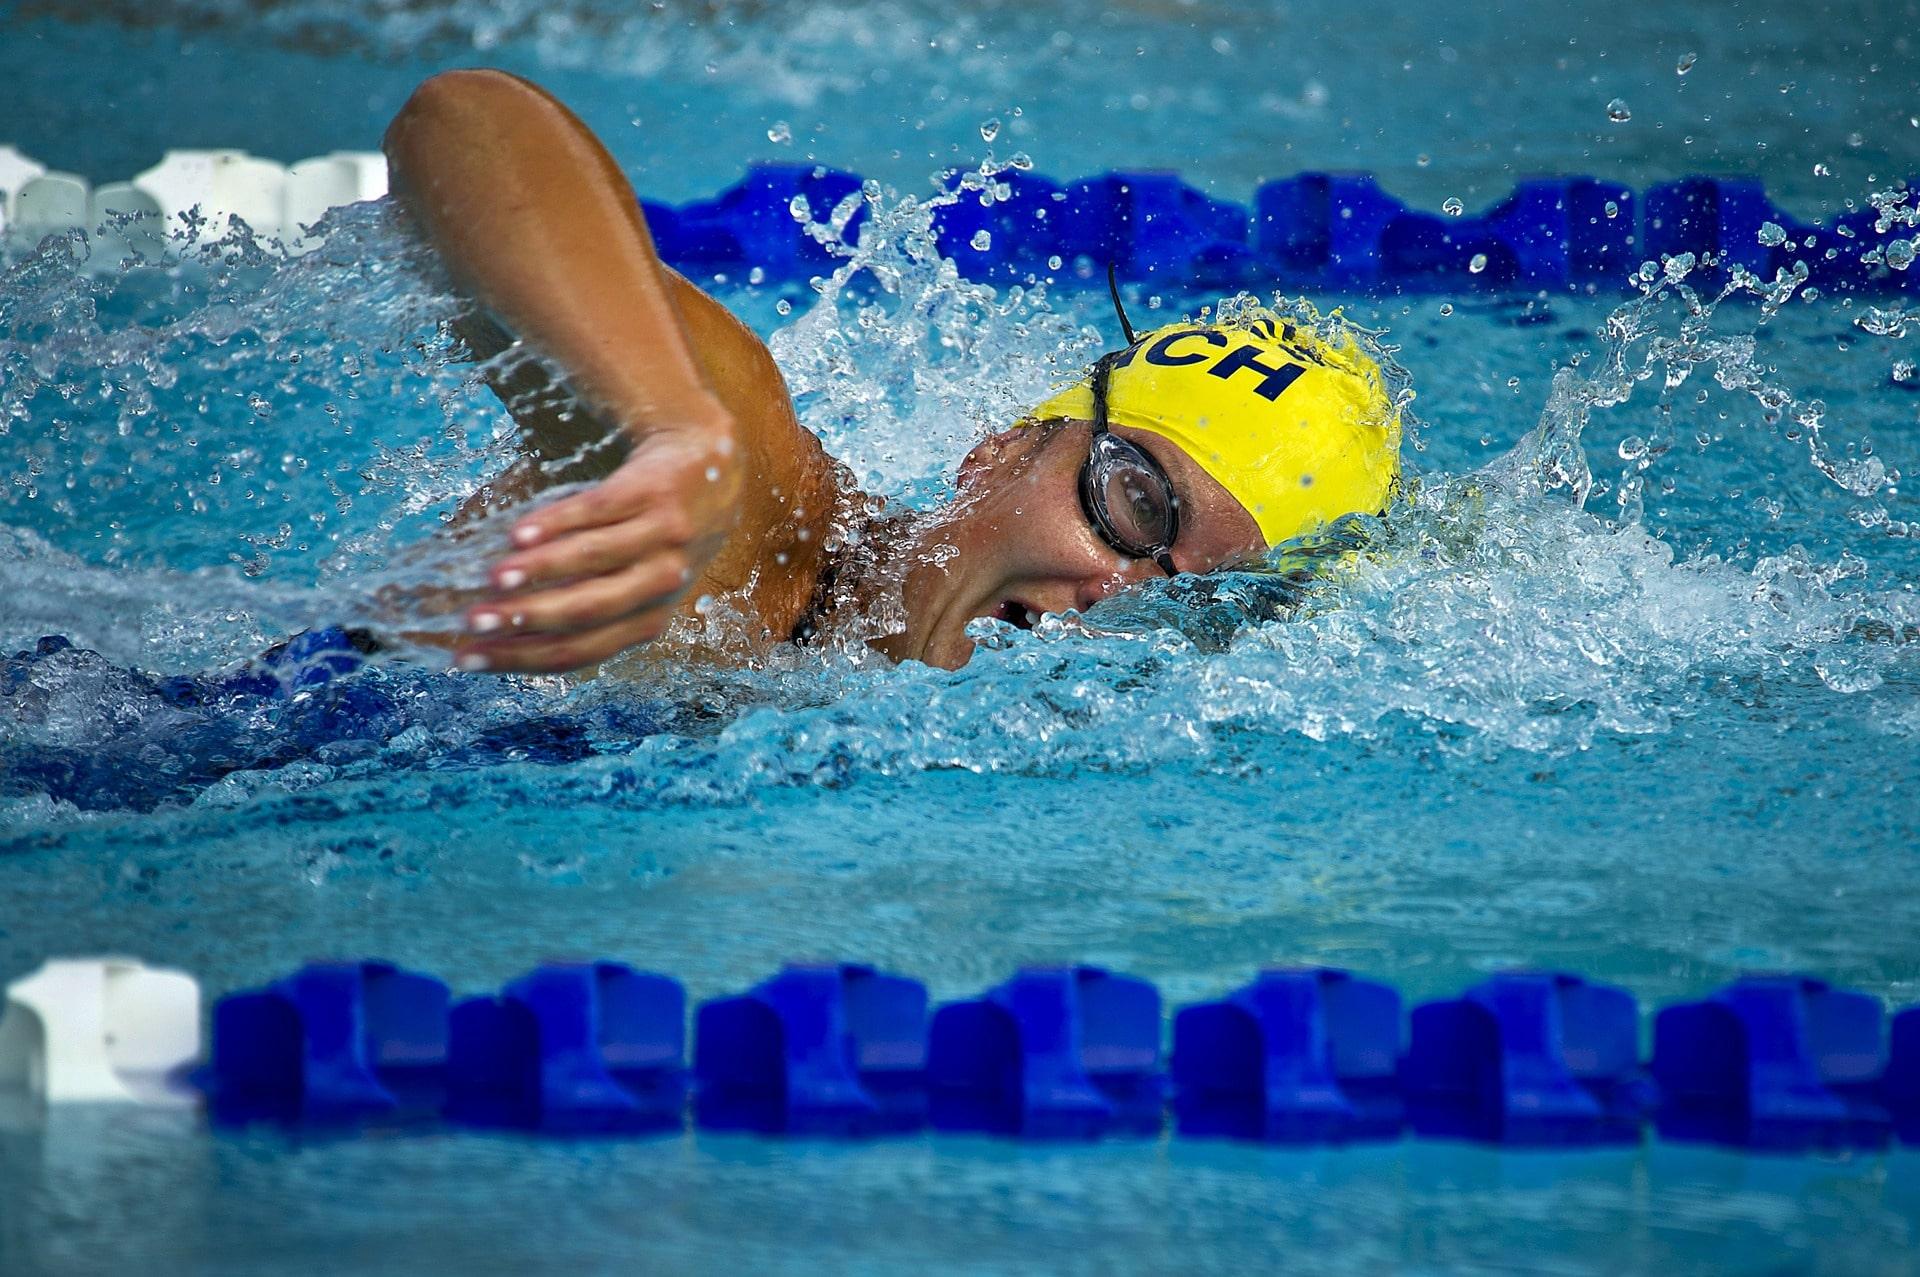 Plavecké brýle chrání oči od chloru a zlepší vaši orientaci ve vodě / foto: pixabay.com